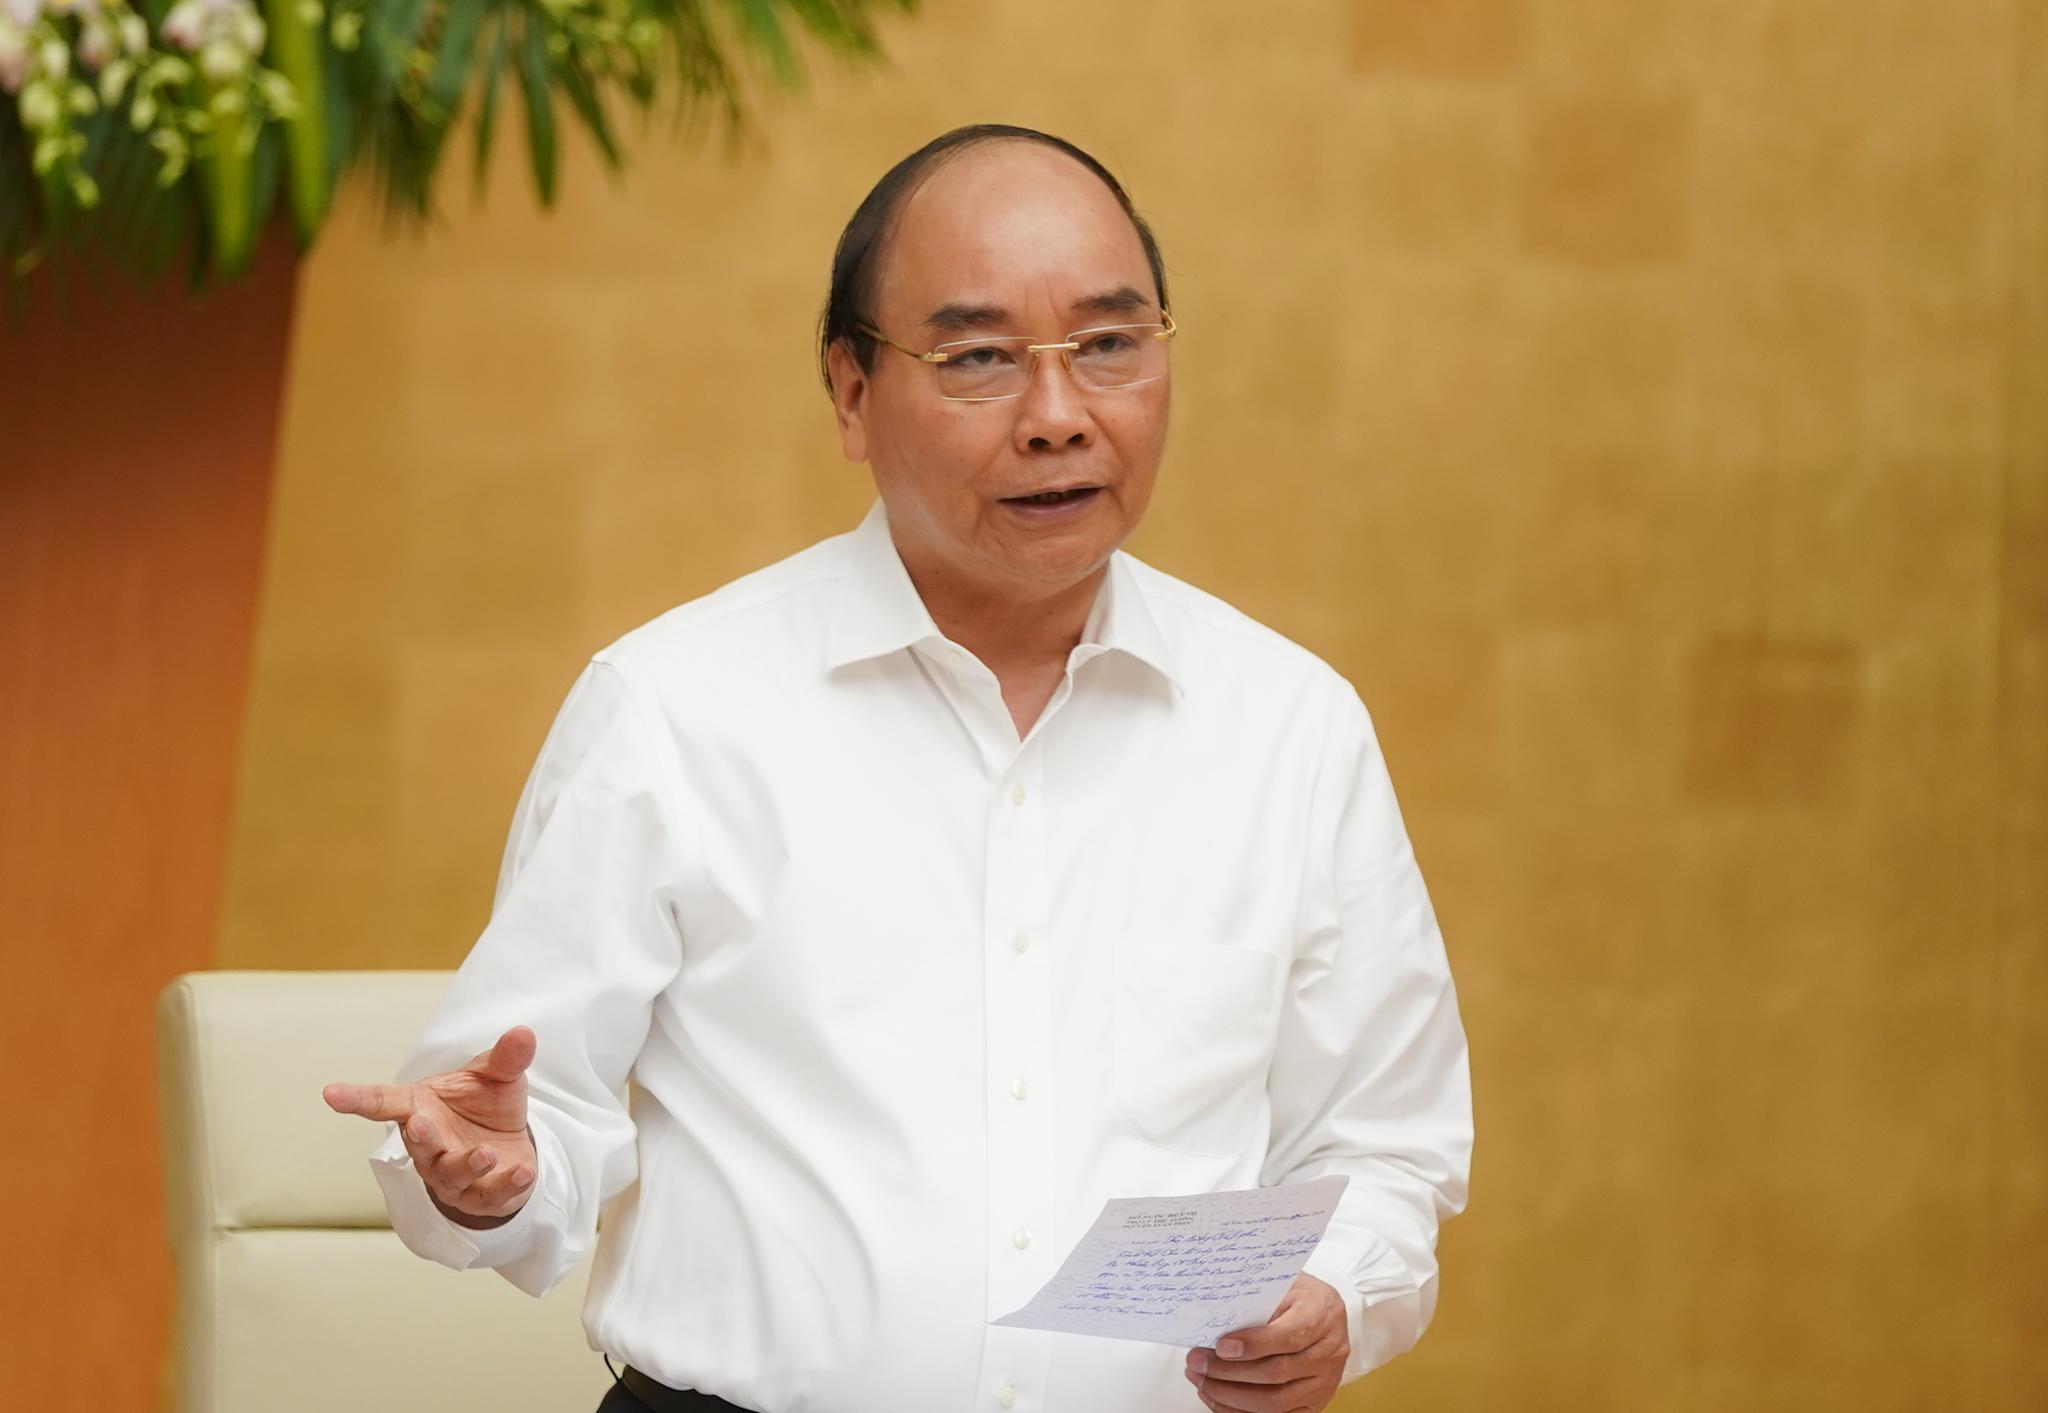 Kinh tế Việt Nam đã đi qua đáy, đang phục hồi theo hình chữ V - Ảnh 1.